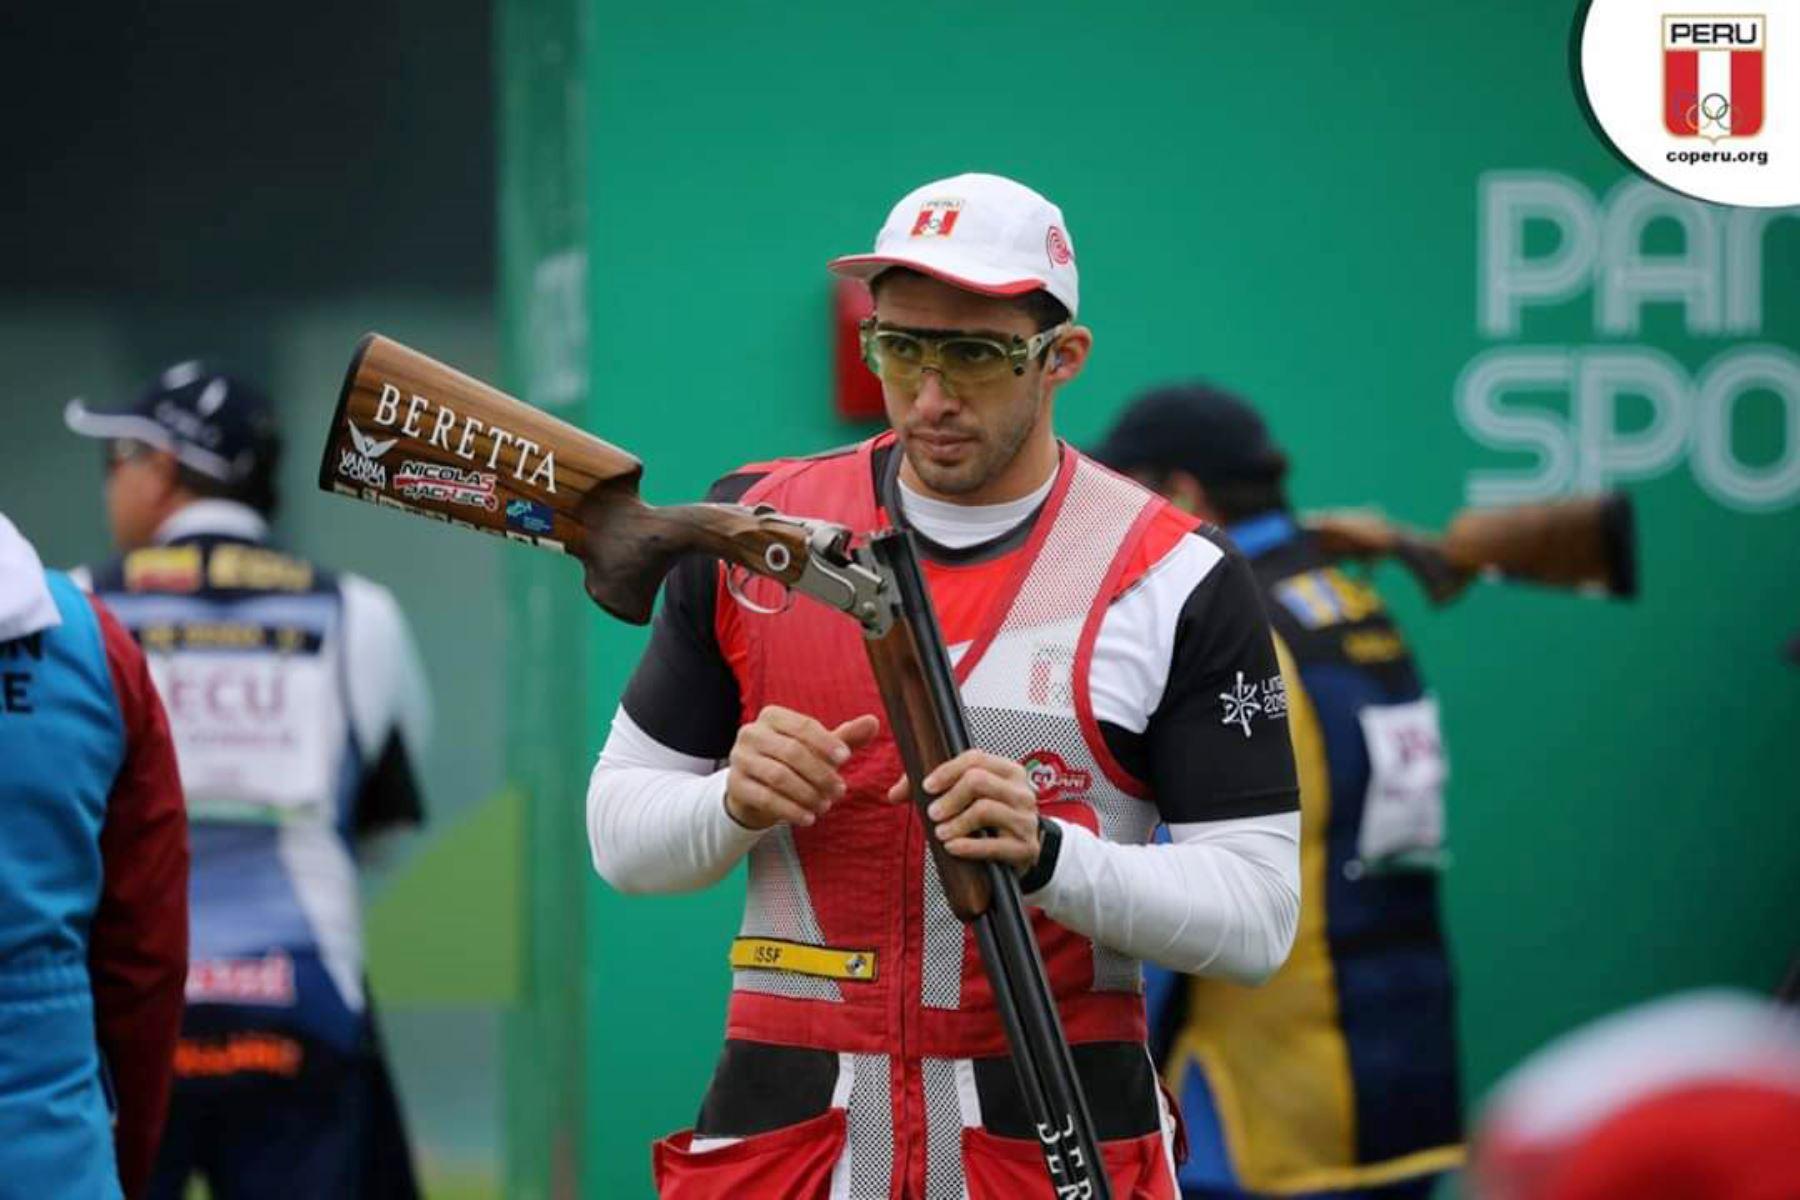 Nicolás Pacheco logra medalla de bronce en Tiro en los Juegos Panamericanos Lima 2019. Foto: Lima 2019